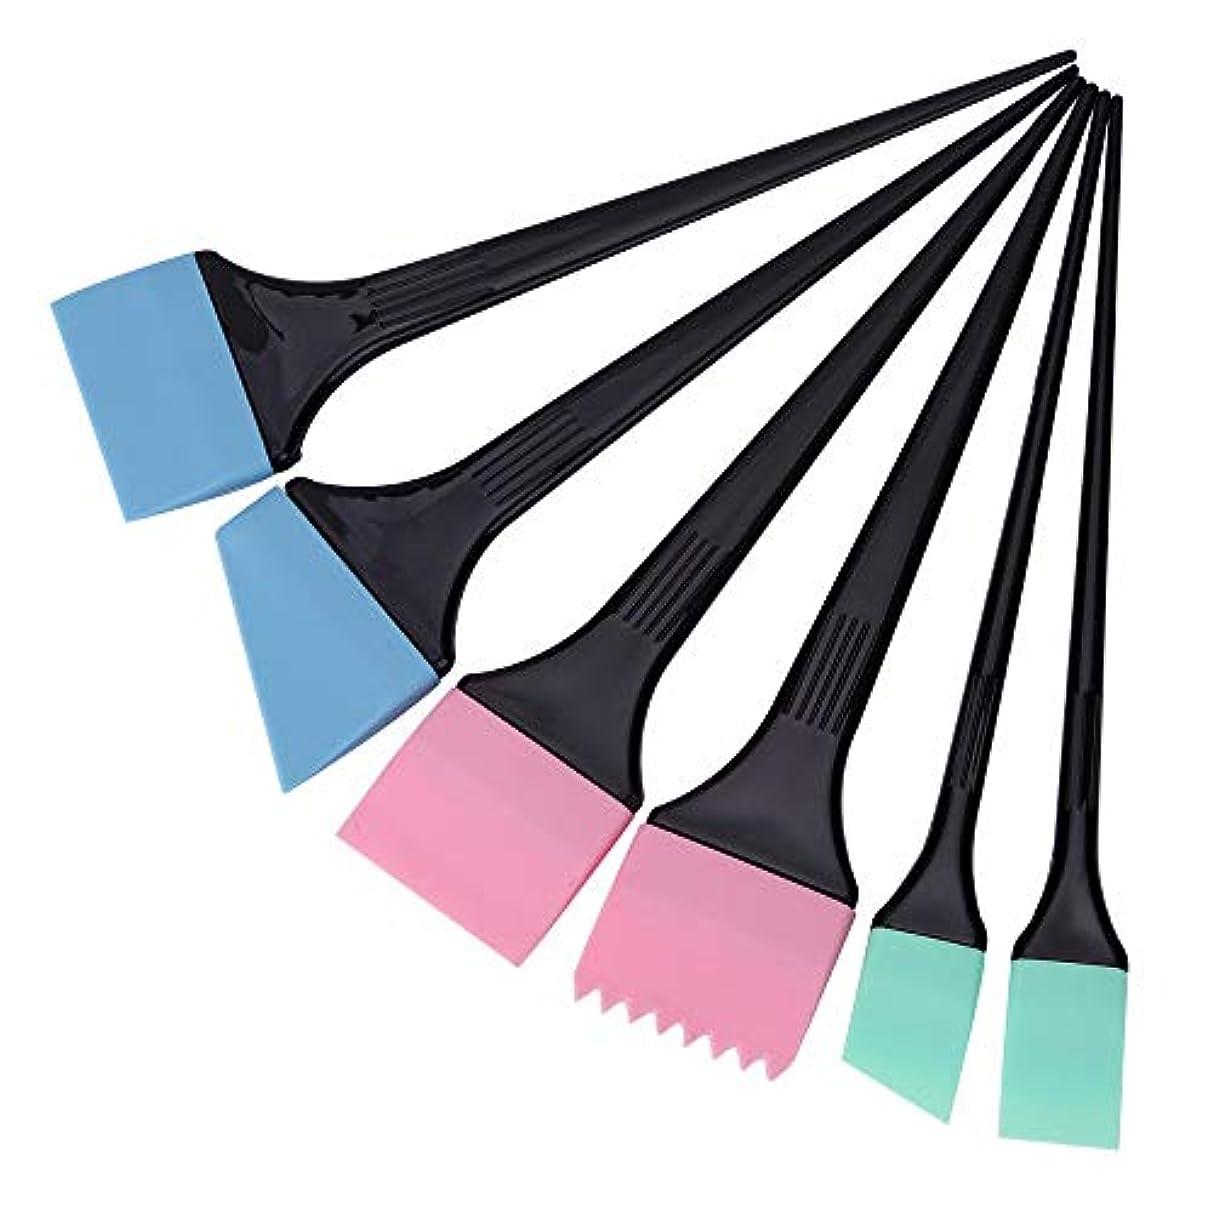 の量マラウイ野なヘアダイコーム&ブラシ 毛染めブラシ 6本/セット 着色櫛キット プロサロン 理髪スタイリングツール へアカラーセット グリーン